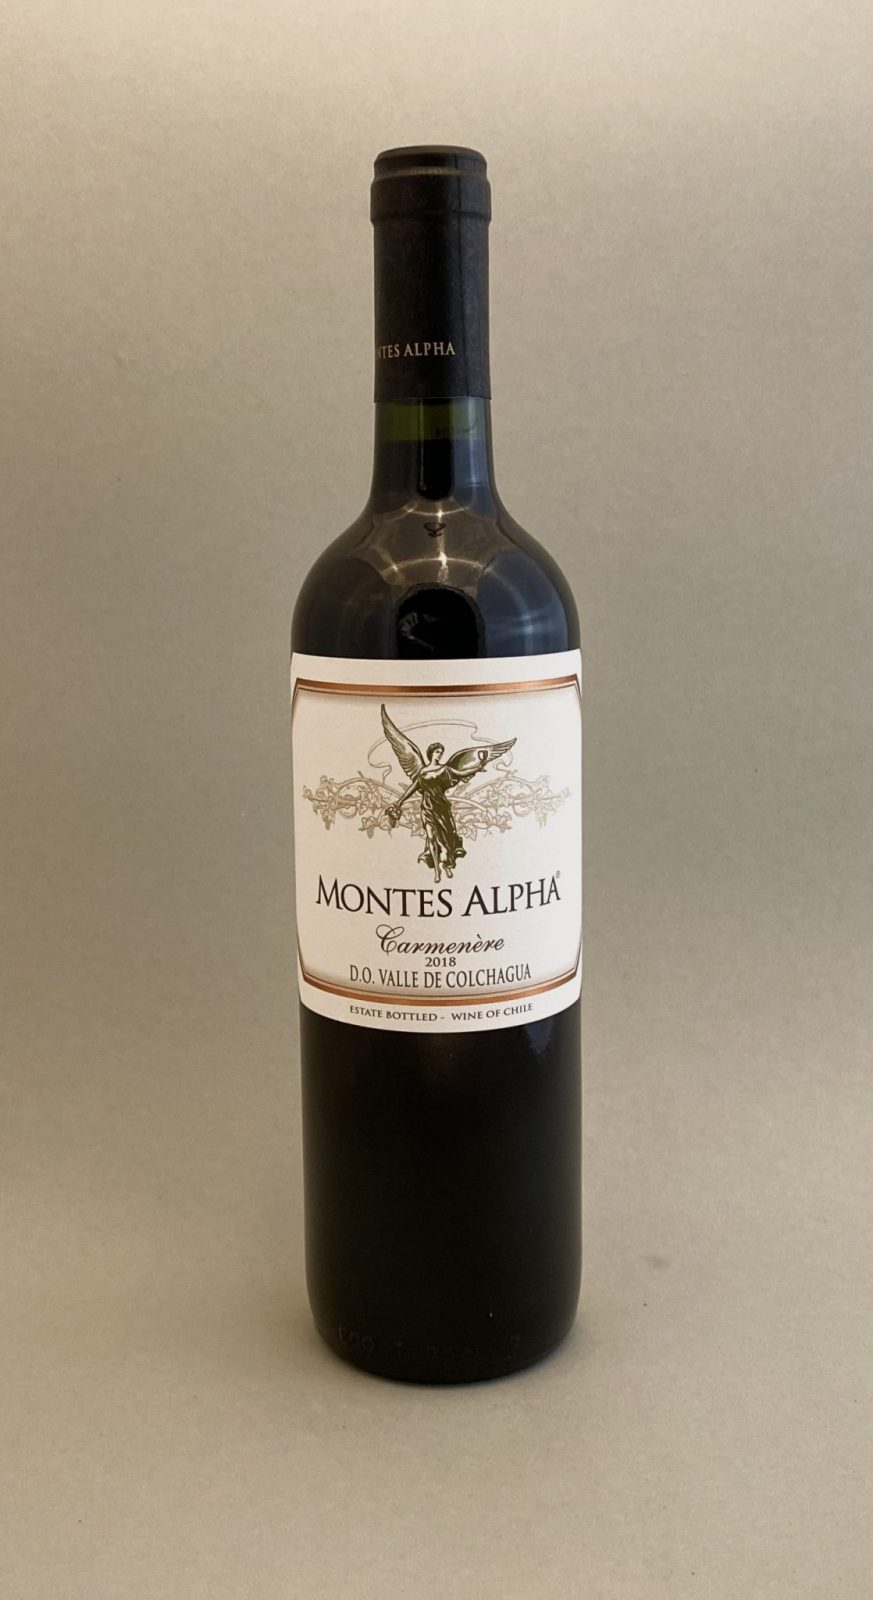 MONTES ALPHA Carmenère 2018, vinoteka Bratislava Sunny wines slnecnice mesto, petrzalka, vino červené z Chille